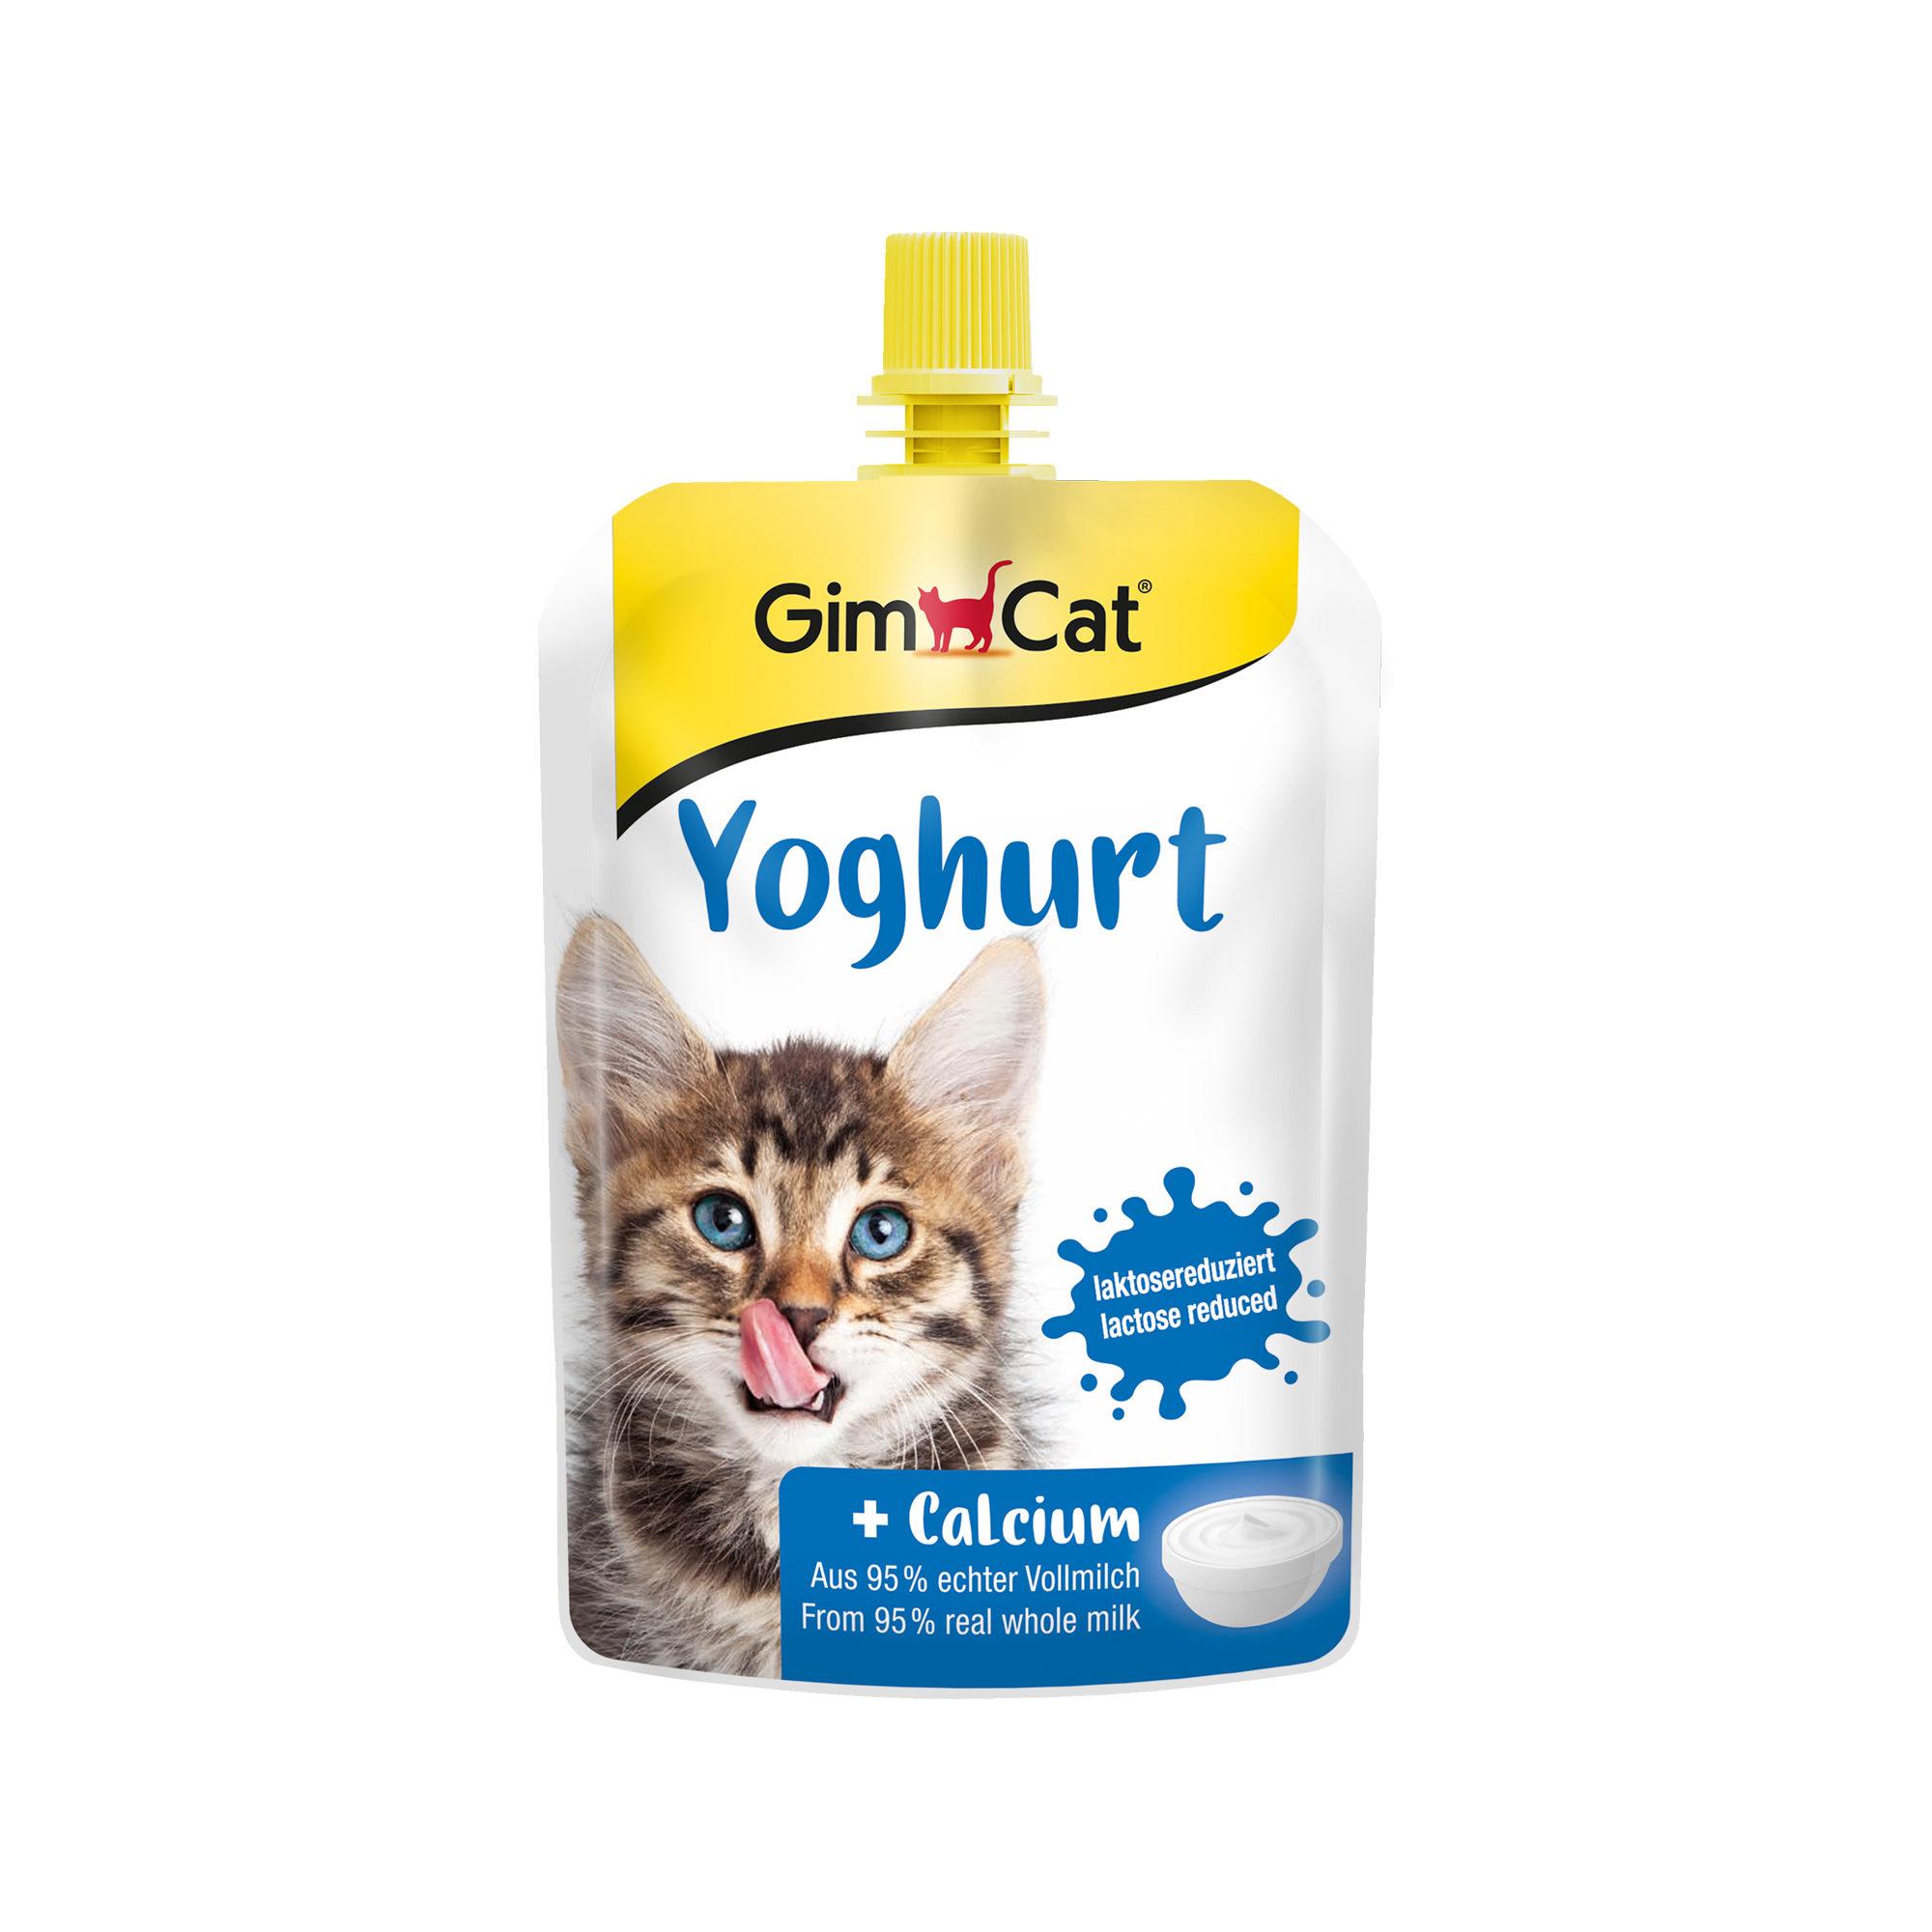 GimCat Yoghurt